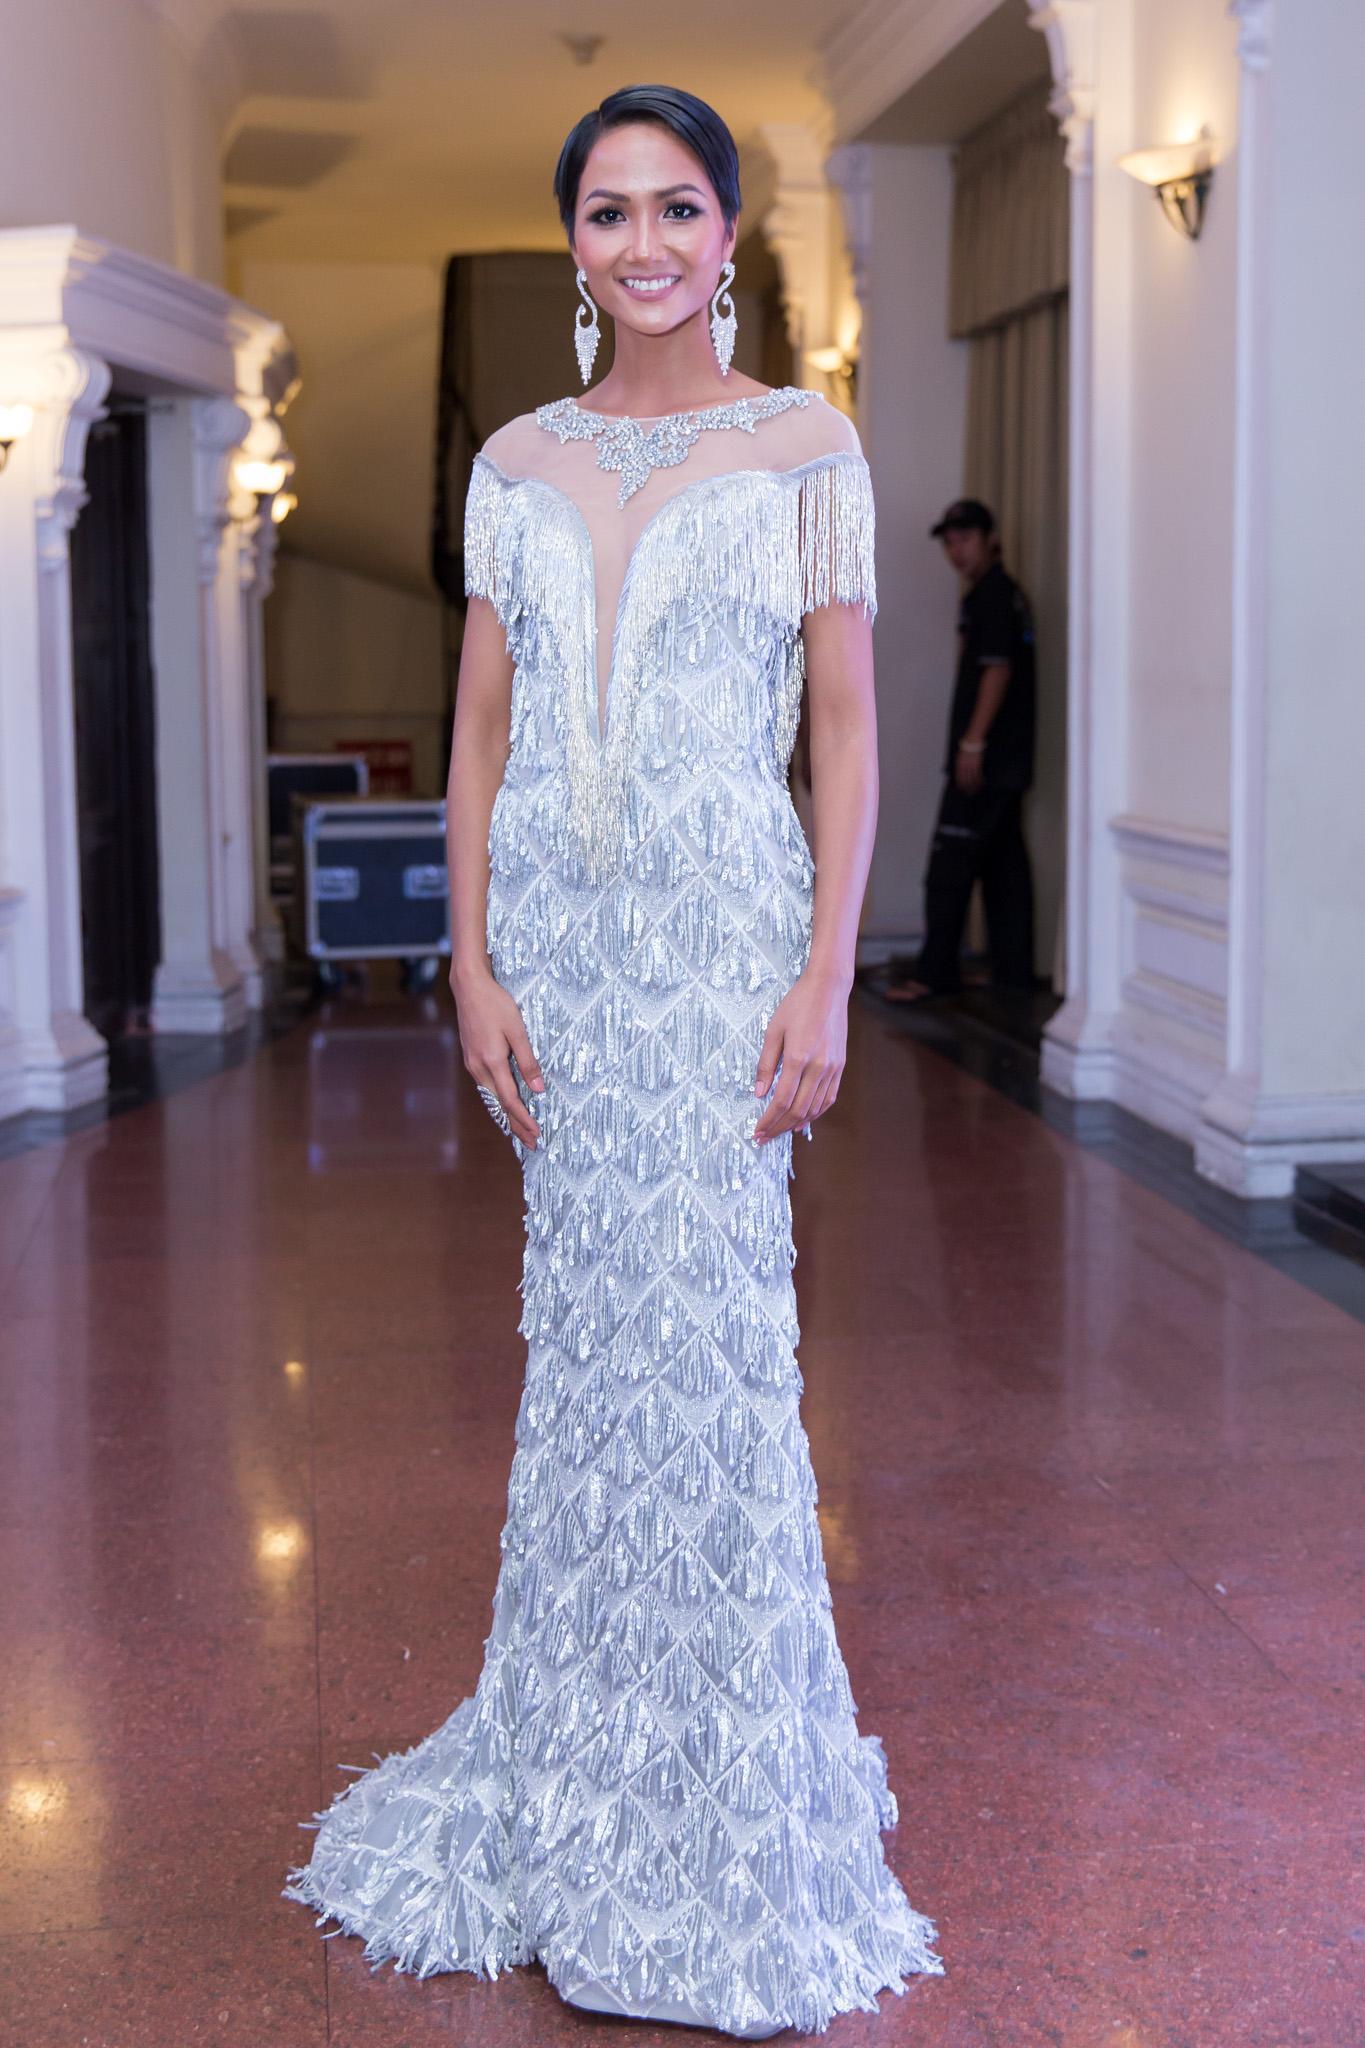 Hoa hậu HHen Niê đọ sắc cùng Hoàng Thùy và Mâu Thủy trên thảm đỏ Ngôi sao xanh-2